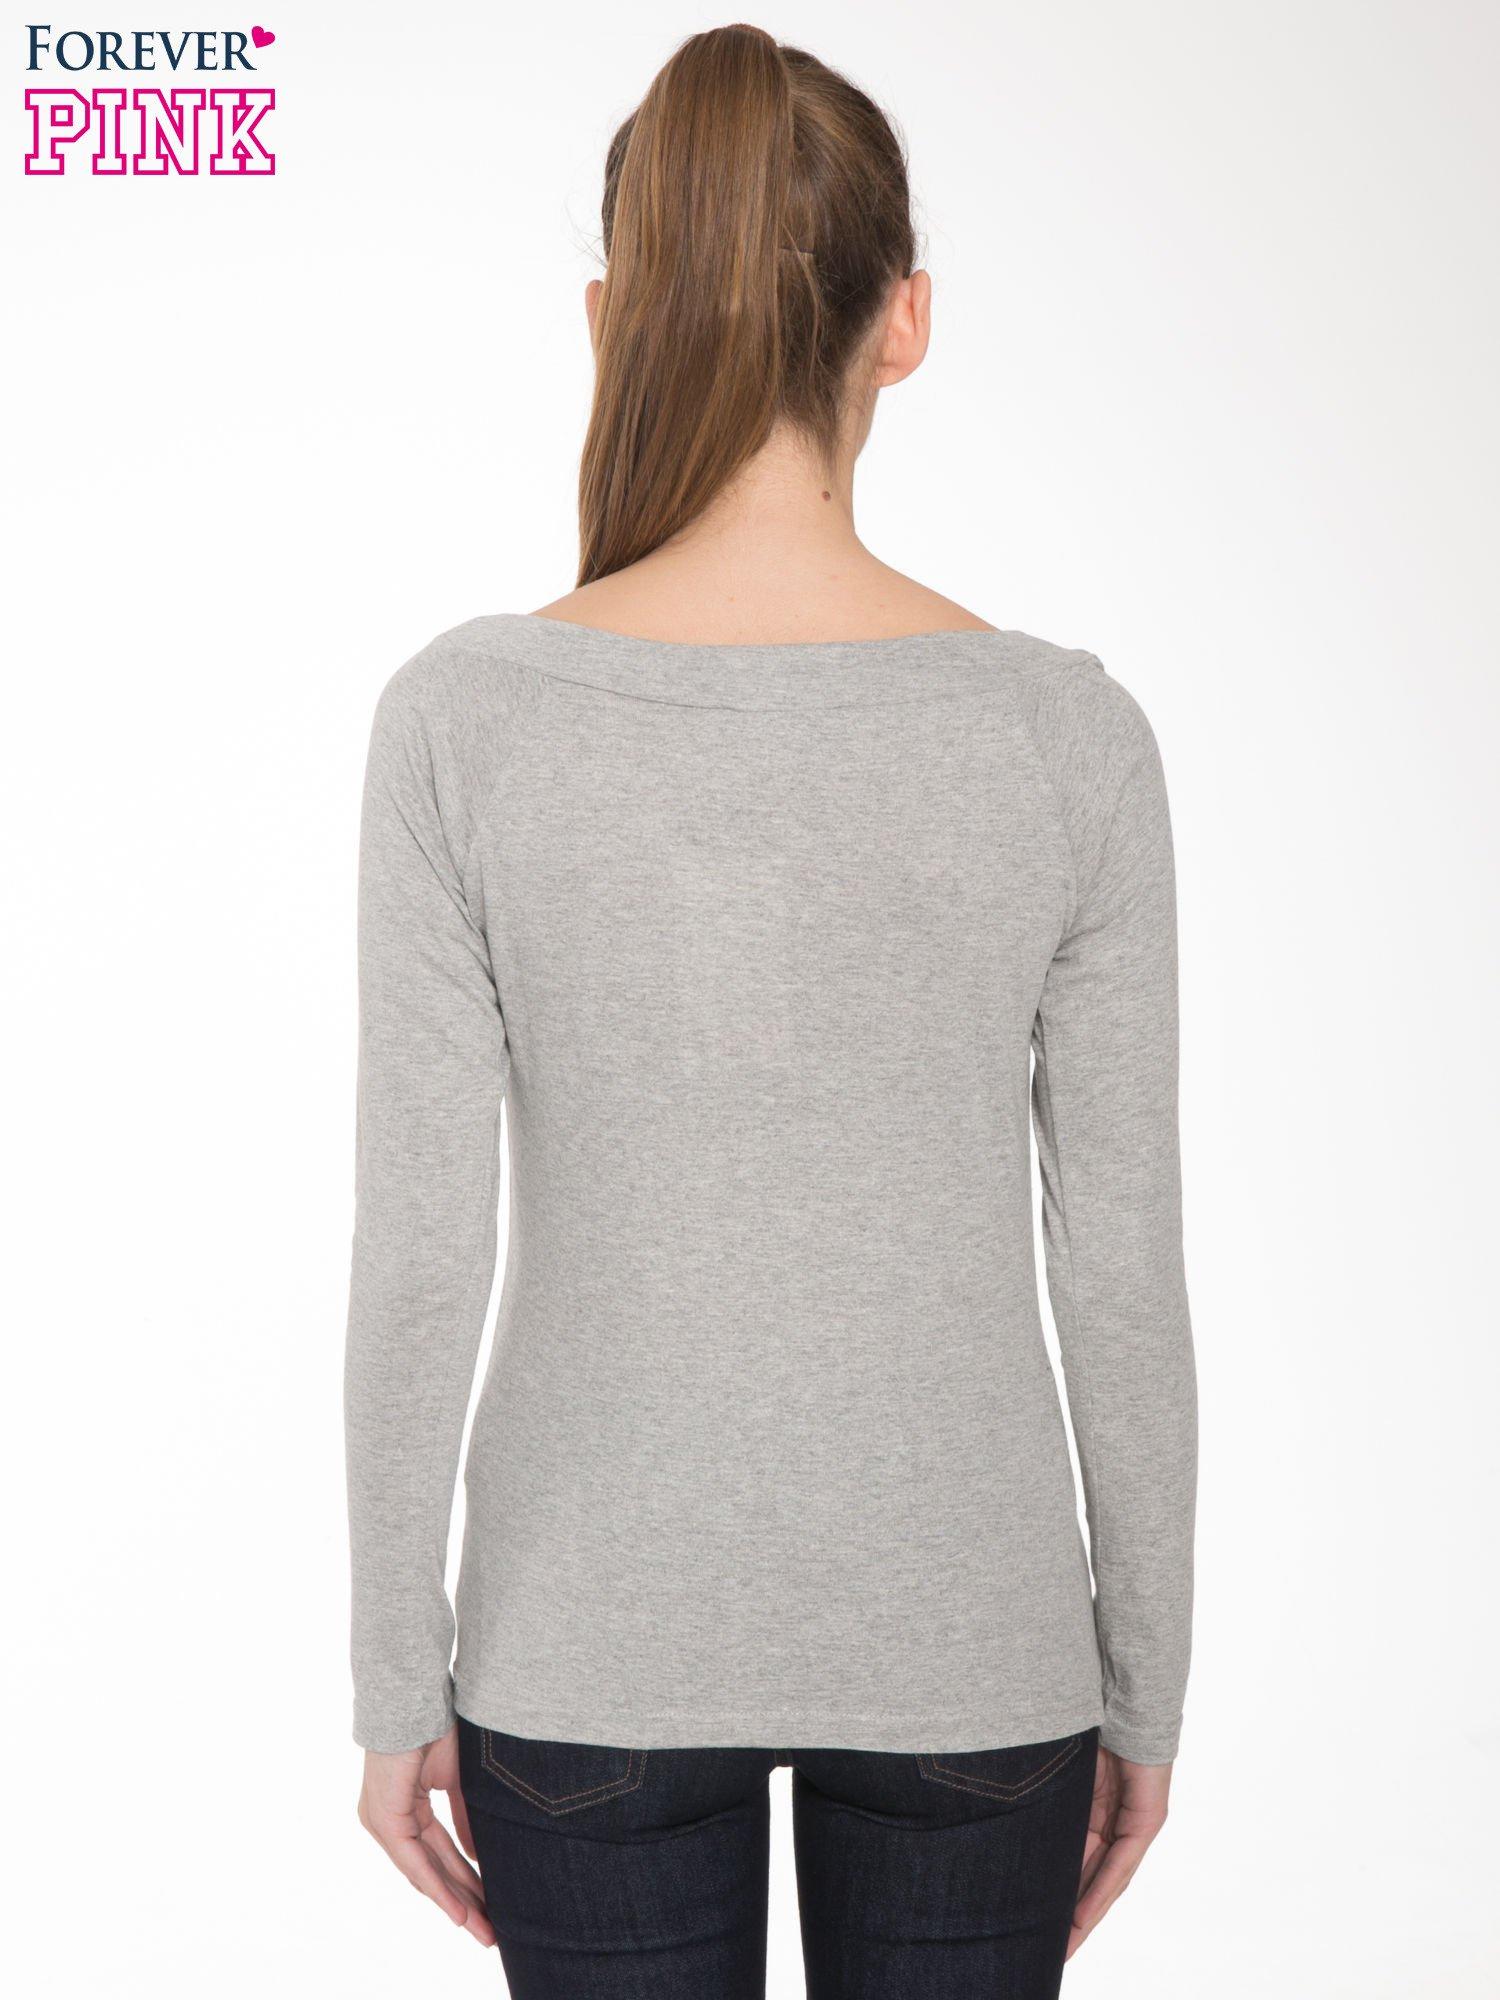 Jasnoszara melanżowa bluzka z reglanowymi rękawami                                  zdj.                                  4